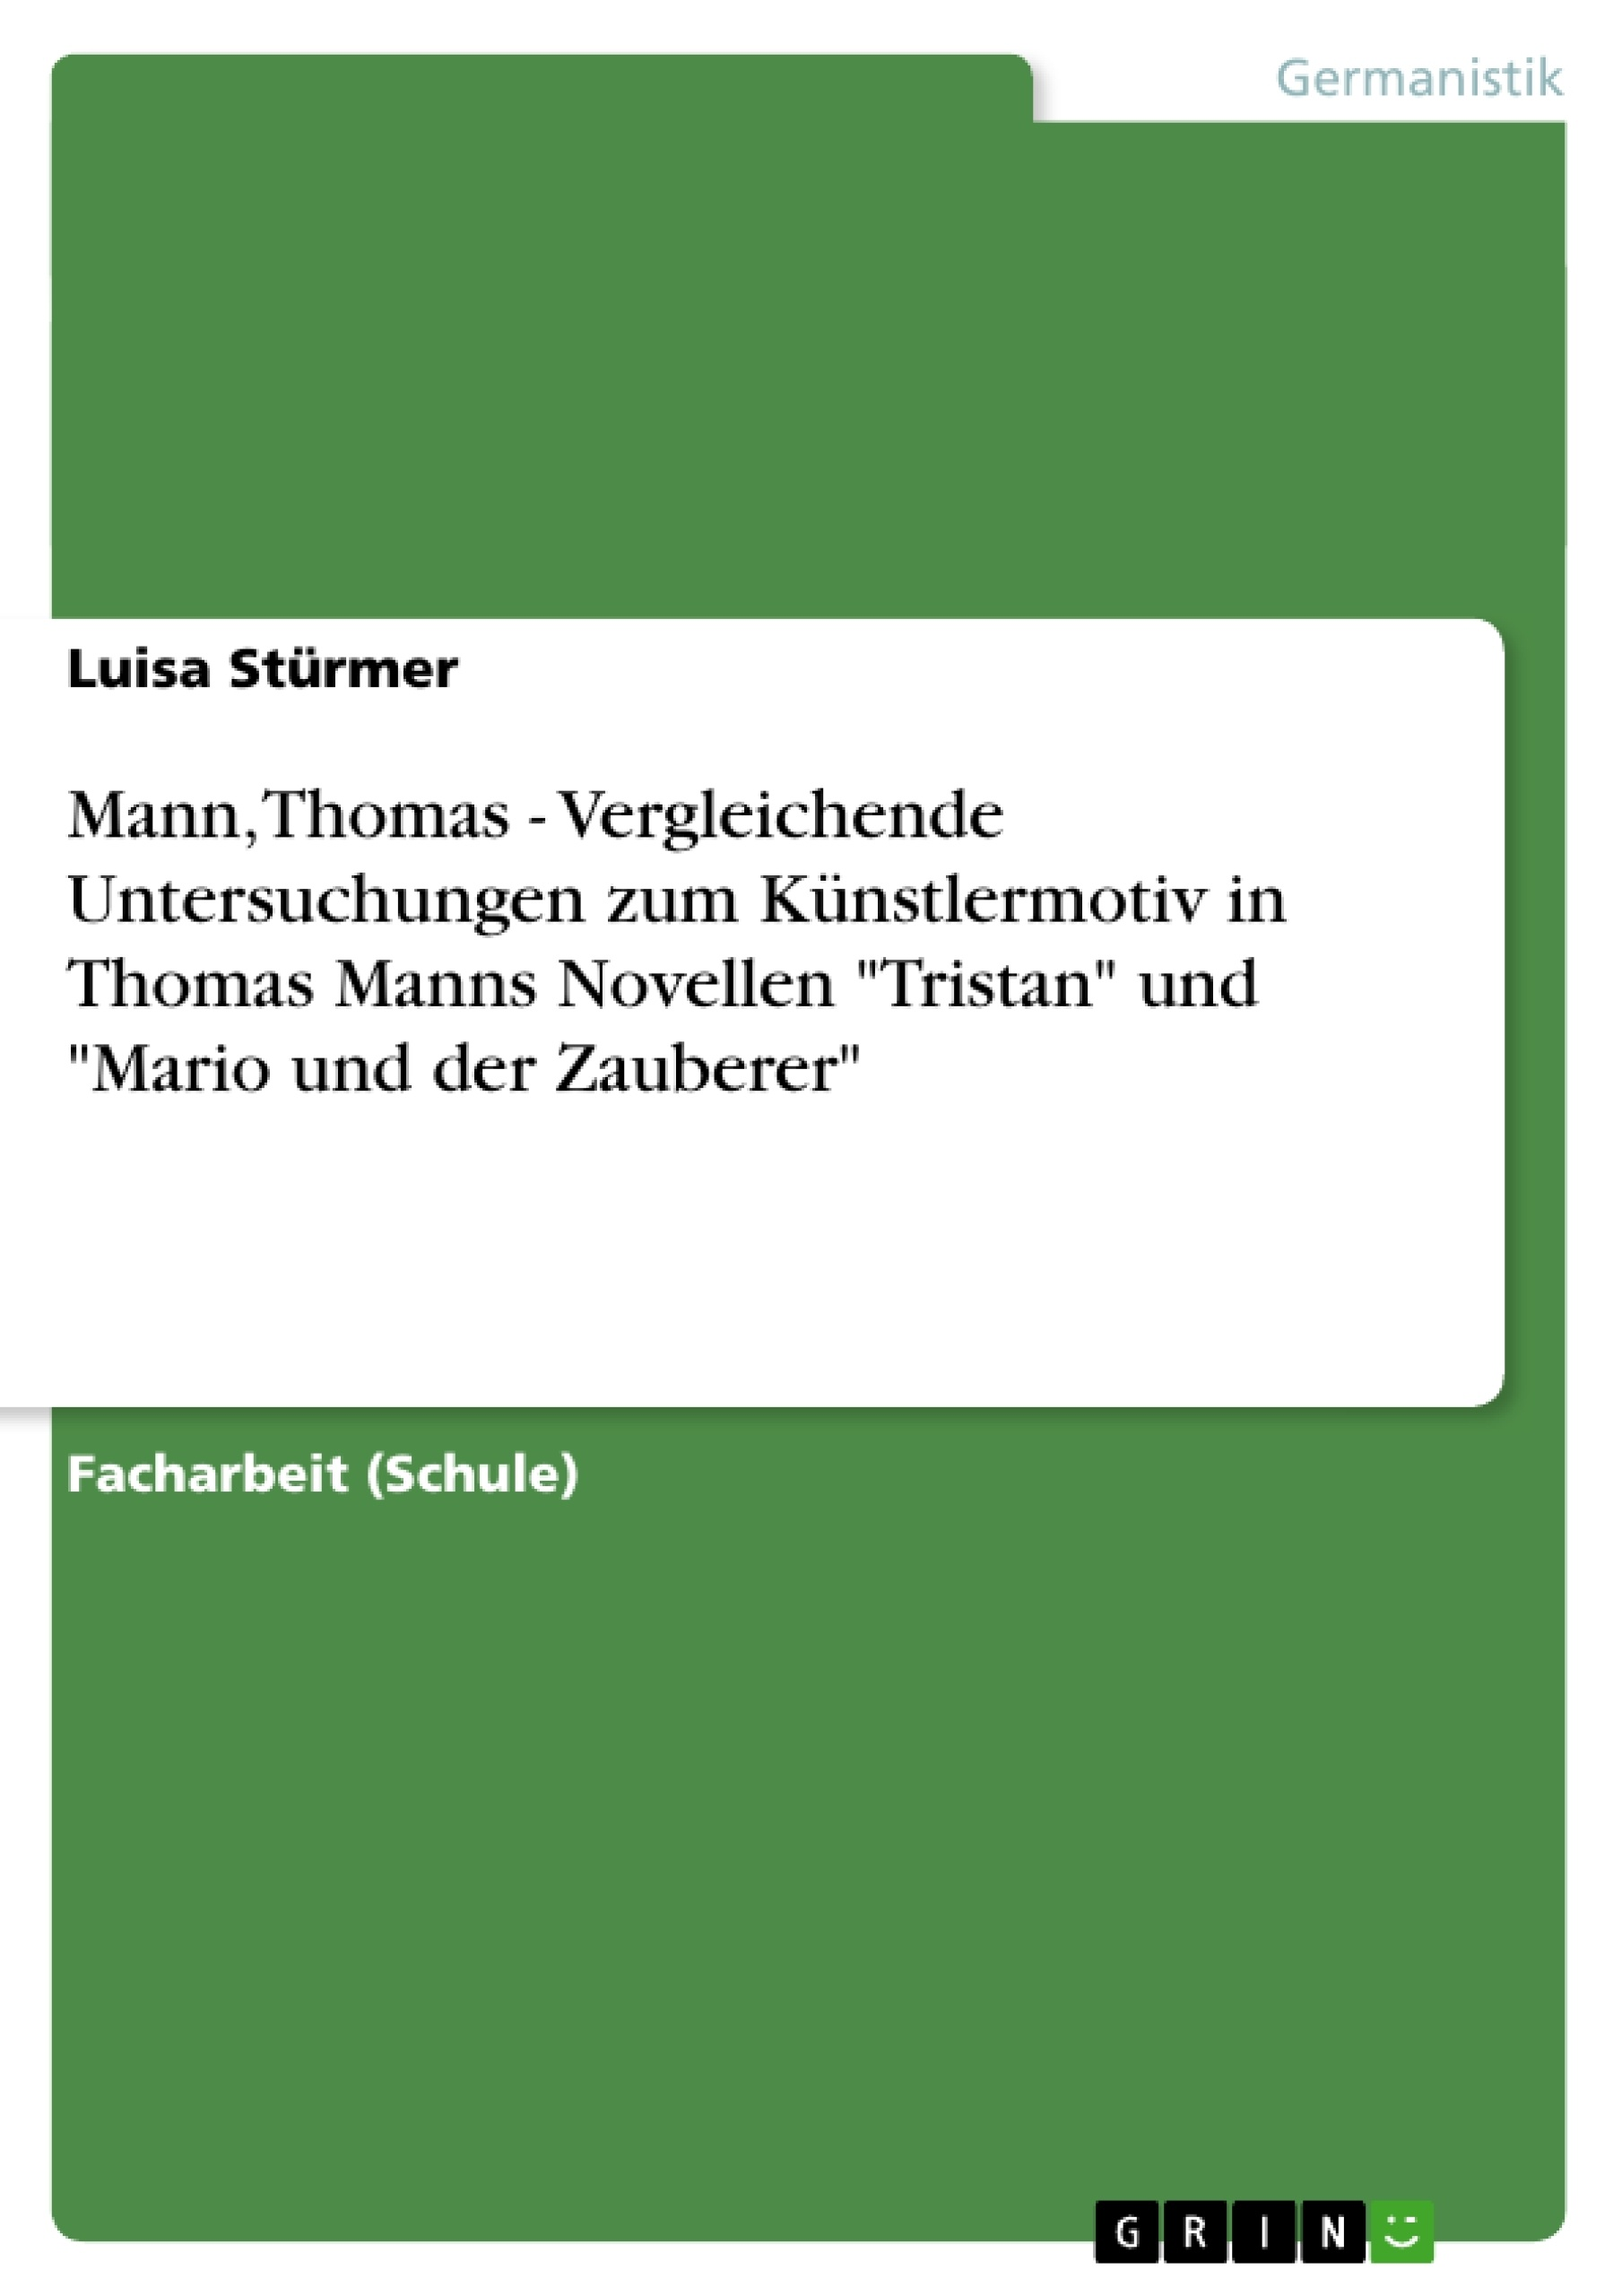 """Titel: Mann, Thomas - Vergleichende Untersuchungen zum Künstlermotiv in Thomas Manns Novellen """"Tristan"""" und """"Mario und der Zauberer"""""""